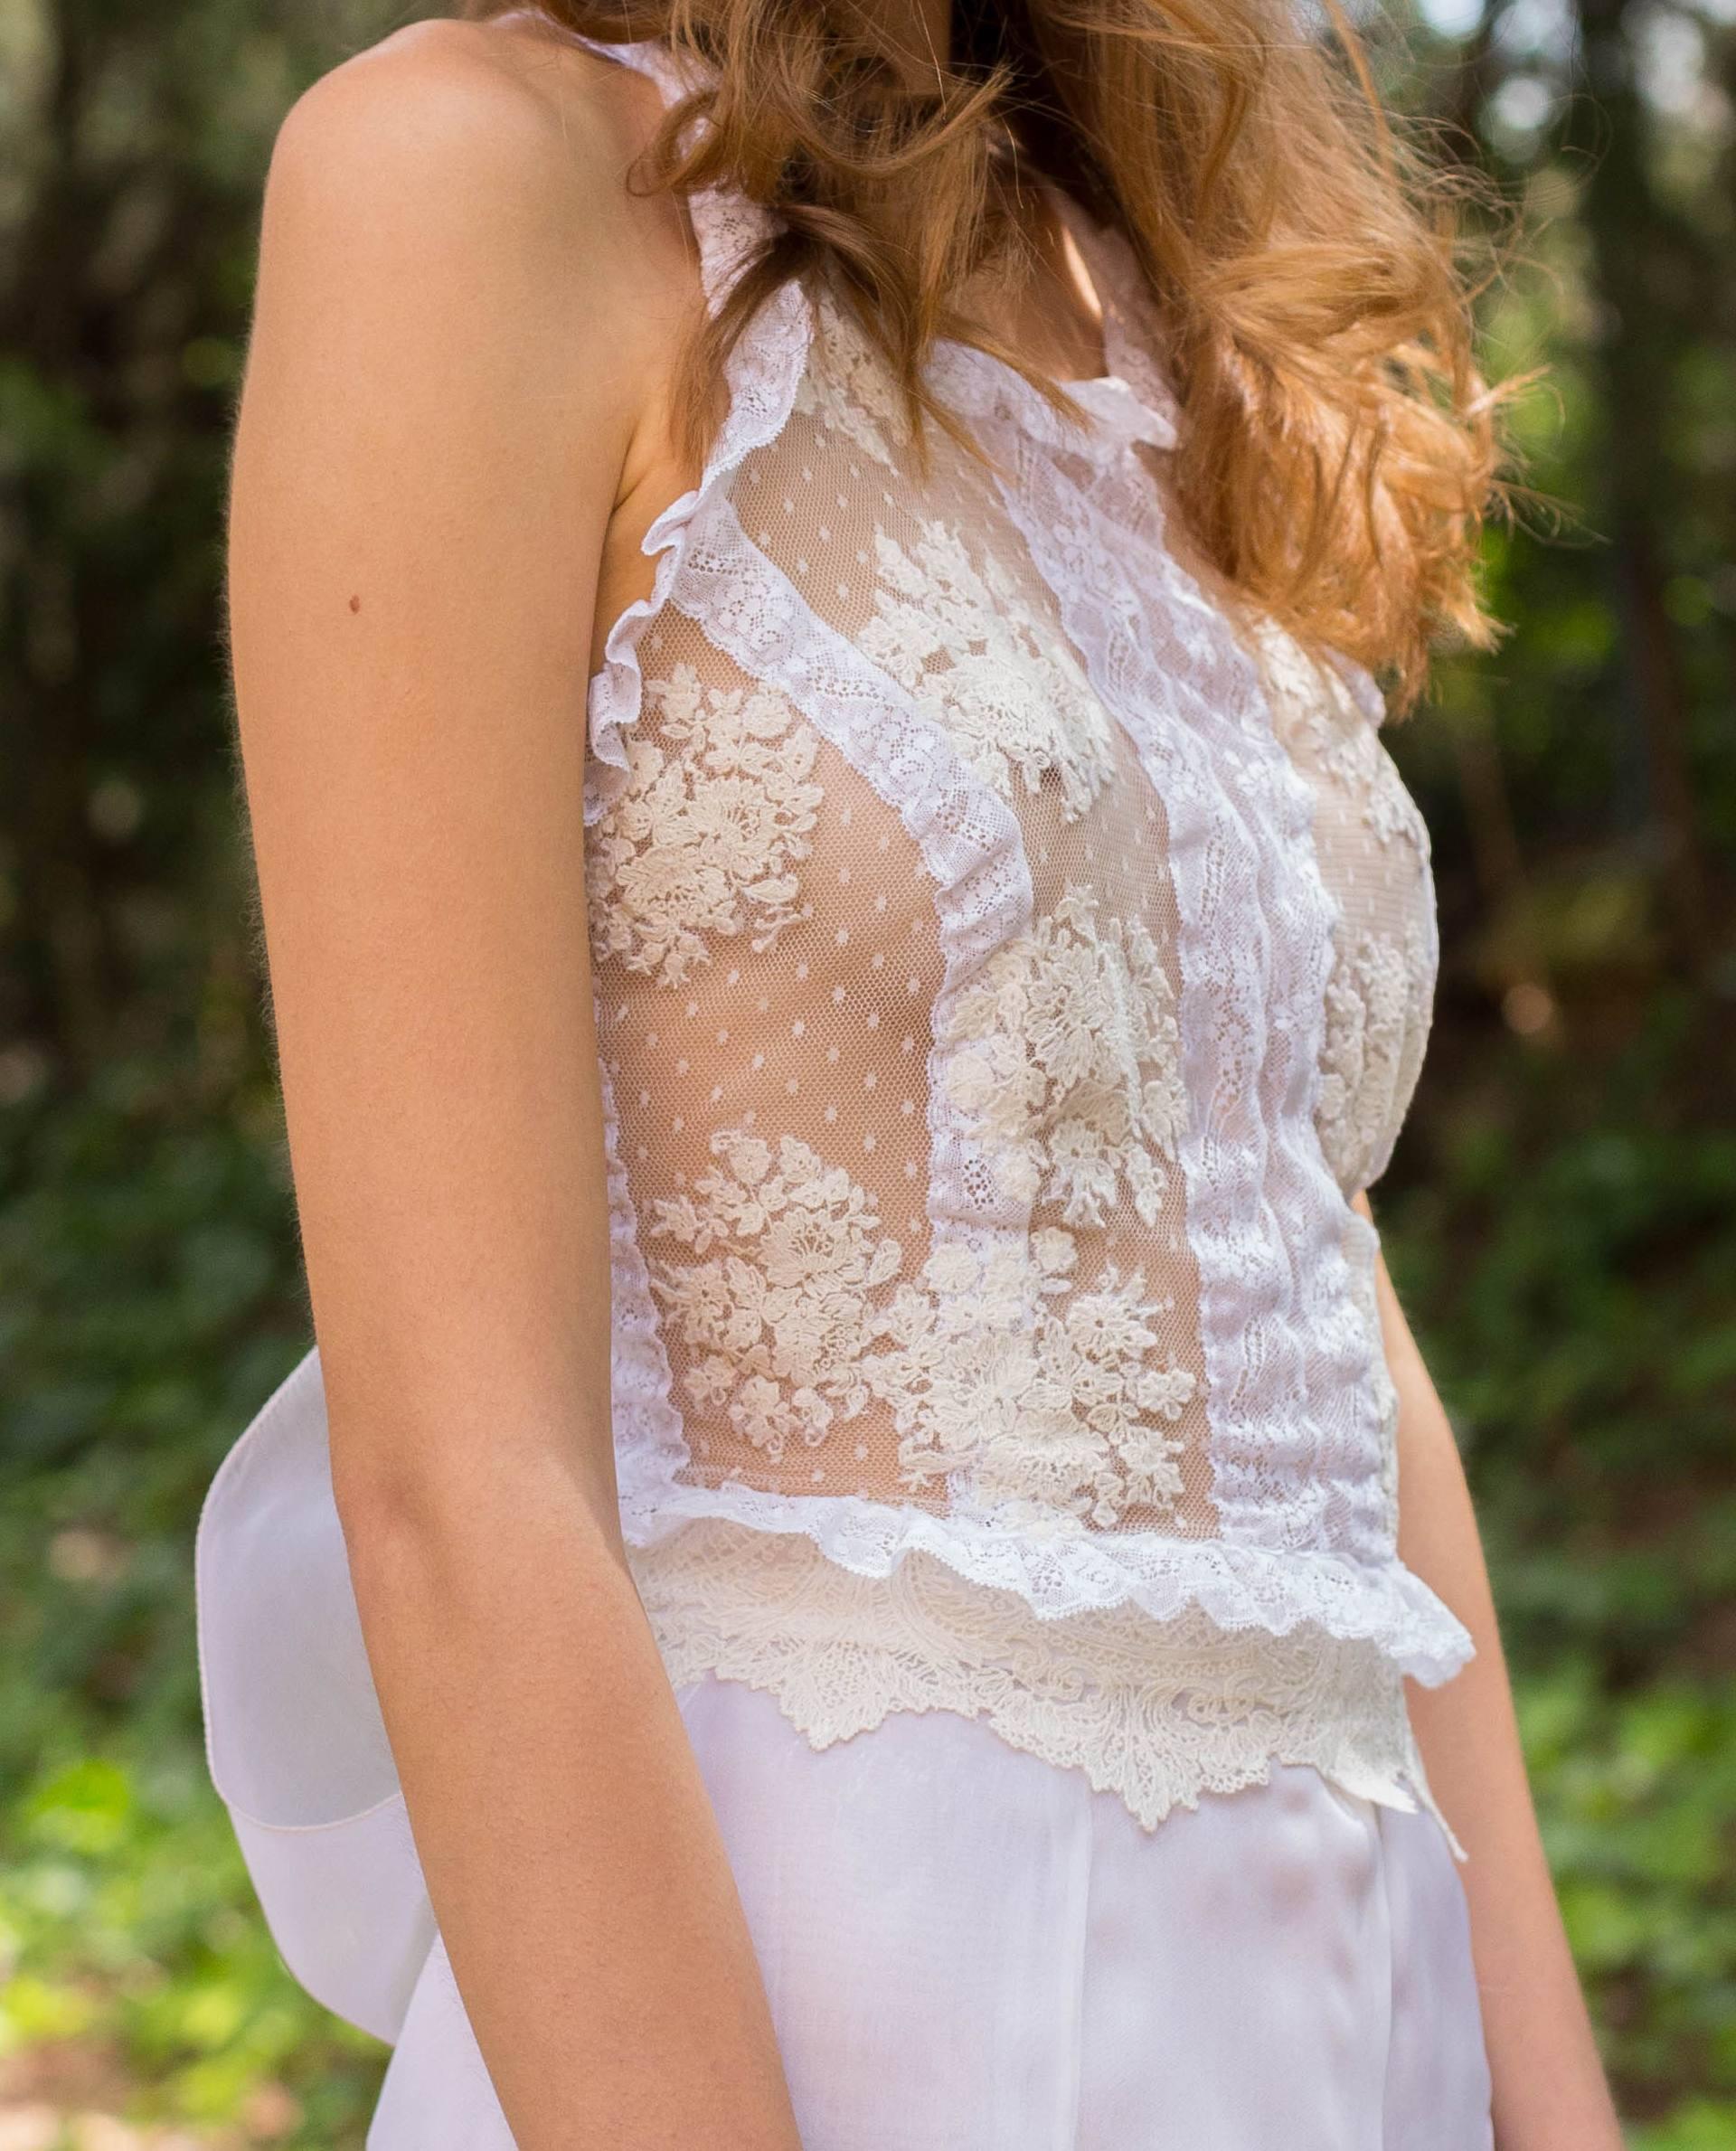 BRIDAL-NATURE 2018/19 - BLUSAS - detalle del top de novia judit de plumeti, encaje y puntilla